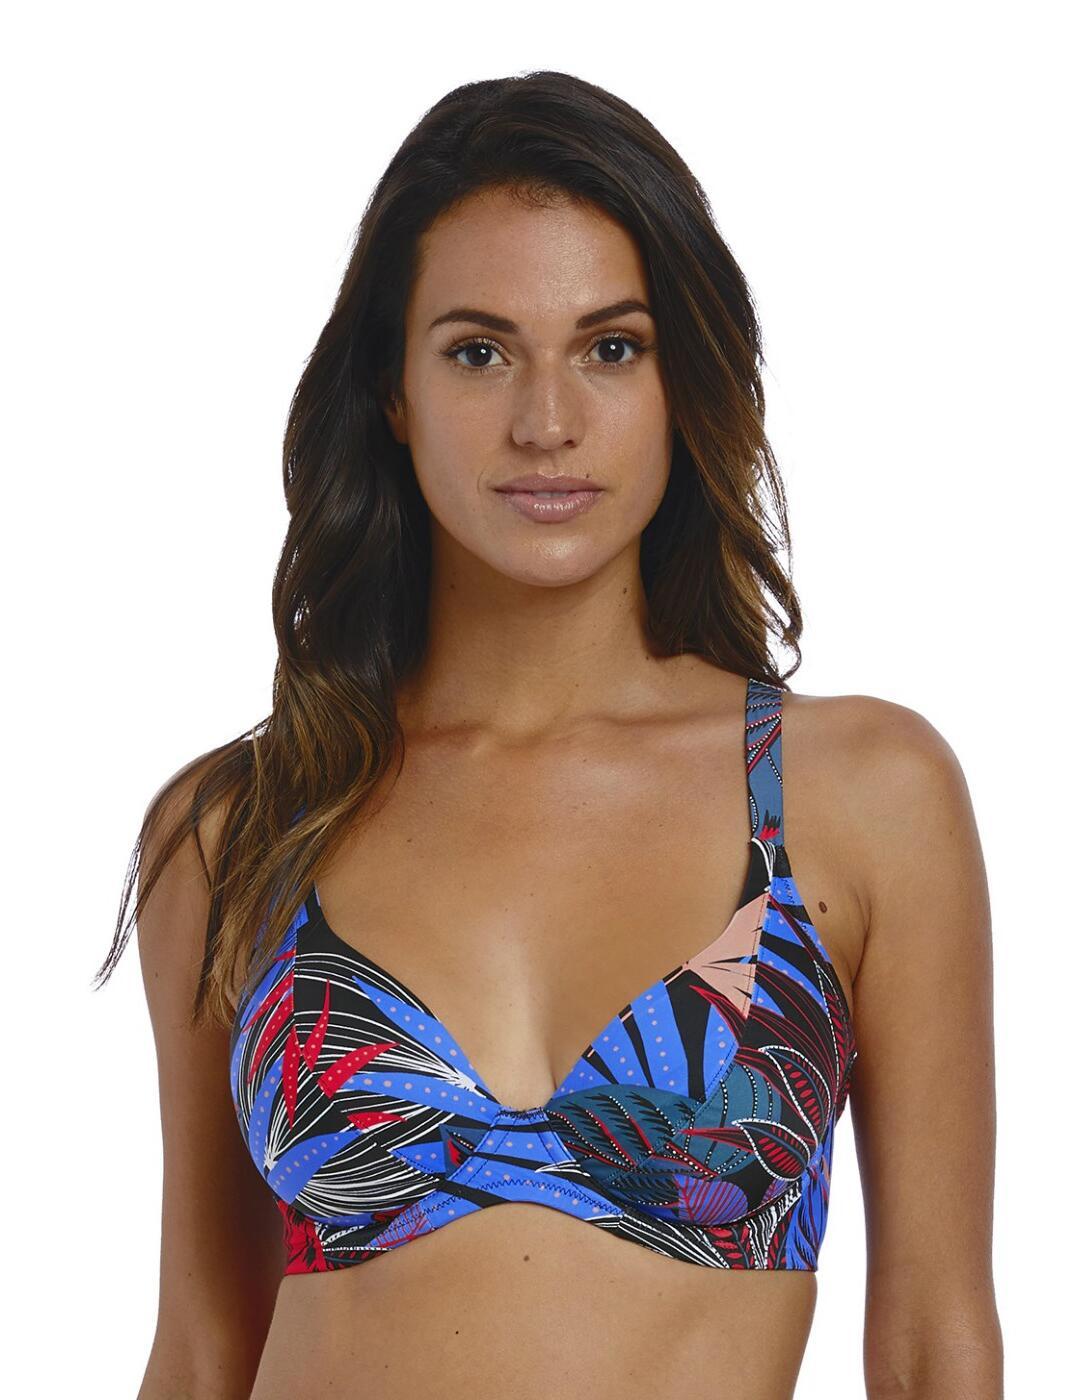 6621 Fantasie Monte Cristi Plunge Bikini Top - 6621 Multi